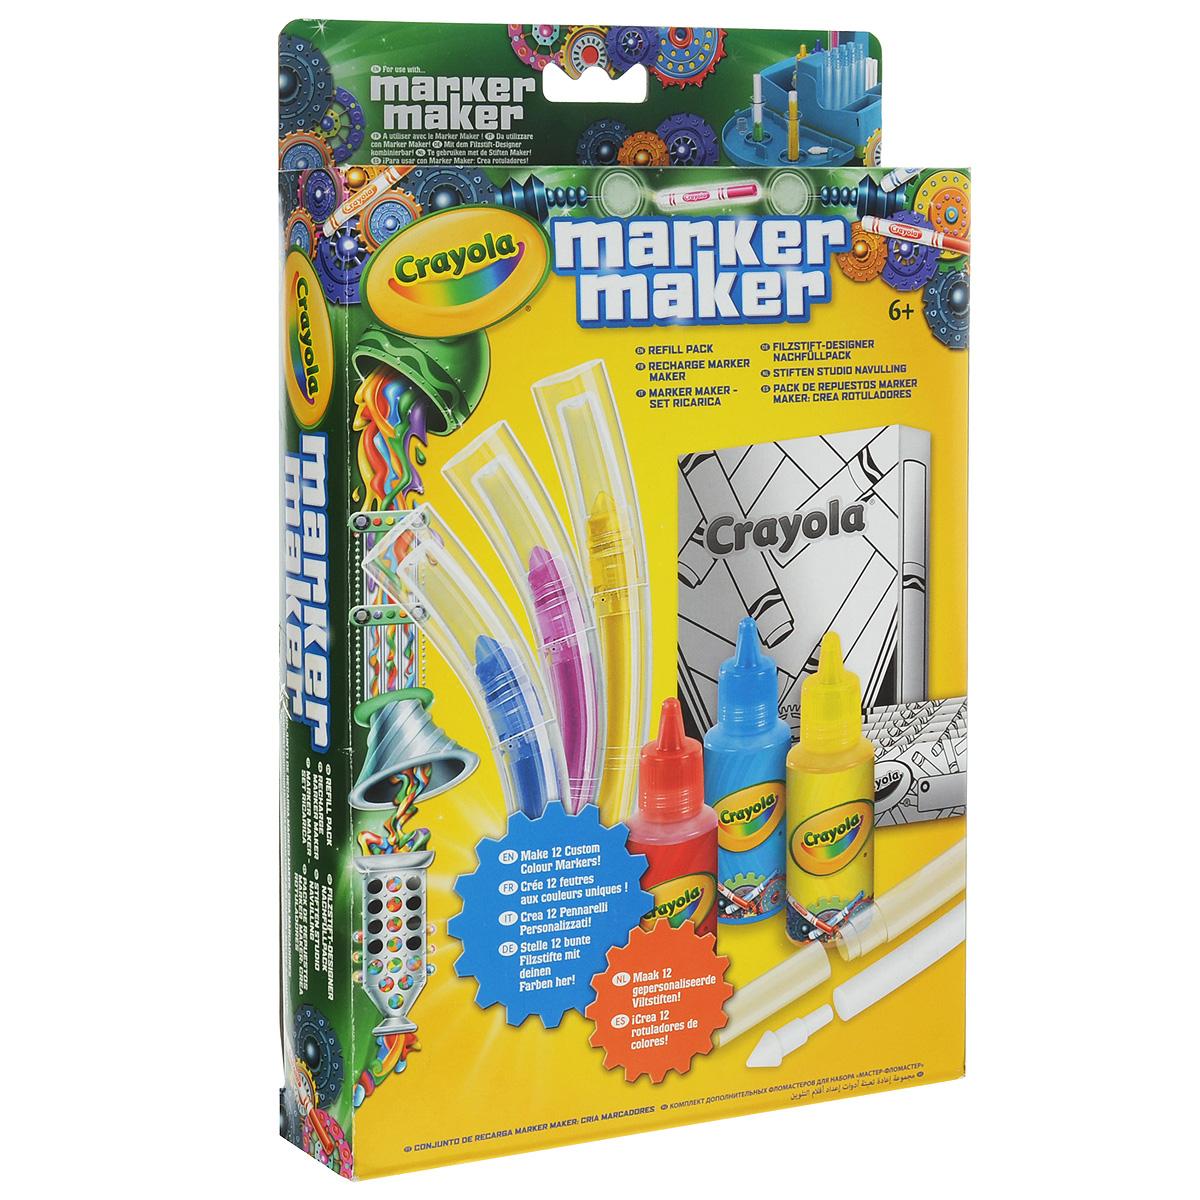 """Набор аксессуаров Crayola Мастер-фломастер730396Набор аксессуаров Мастер-фломастер является комплектом дополнительных фломастеров для фабрики по производству фломастеров """"Мастер-фломастер"""" от Crayola.В комплект входят 12 наборов для сборки фломастеров (корпуса, стержни, наконечники, колпачки, заглушки, наклейки), 3 баночки с чернилами красного, синего и желтого цветов и 2 коробочки для упаковки и хранения. Всего этого достаточно для создания фломастеров с уникальными цветами. Вся продукция Crayola выпускается из нетоксичных и безопасных материалов, поэтому никак не навредит здоровью вашего ребенка.Увлекательный процесс создания фломастеров своими руками подарит юному художнику массу удовольствия, и поможет развить творческое мышление, аккуратность и художественный вкус.Рекомендуется для детей: от 6 лет."""